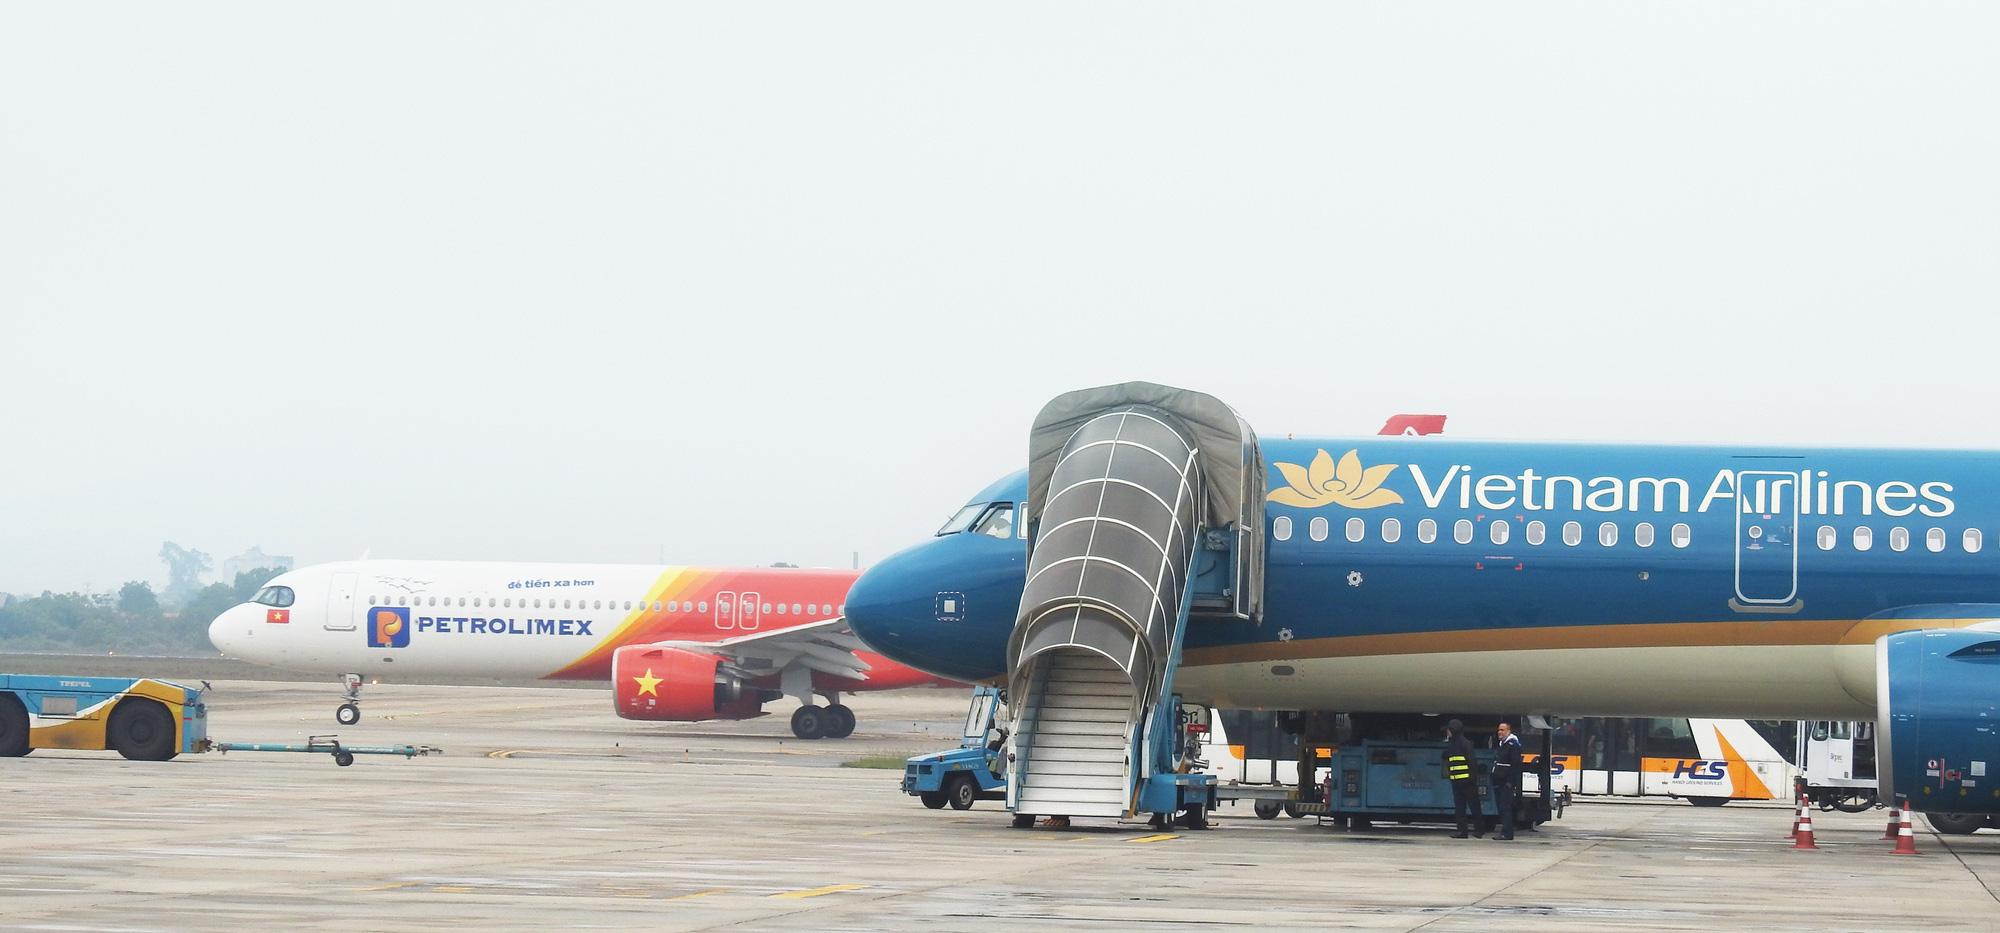 Gần 327.000 chuyến bay của hàng không Việt 2019: Vietjet Air dẫn đầu số chuyến, Bamboo Airways đứng top đúng giờ - Ảnh 1.